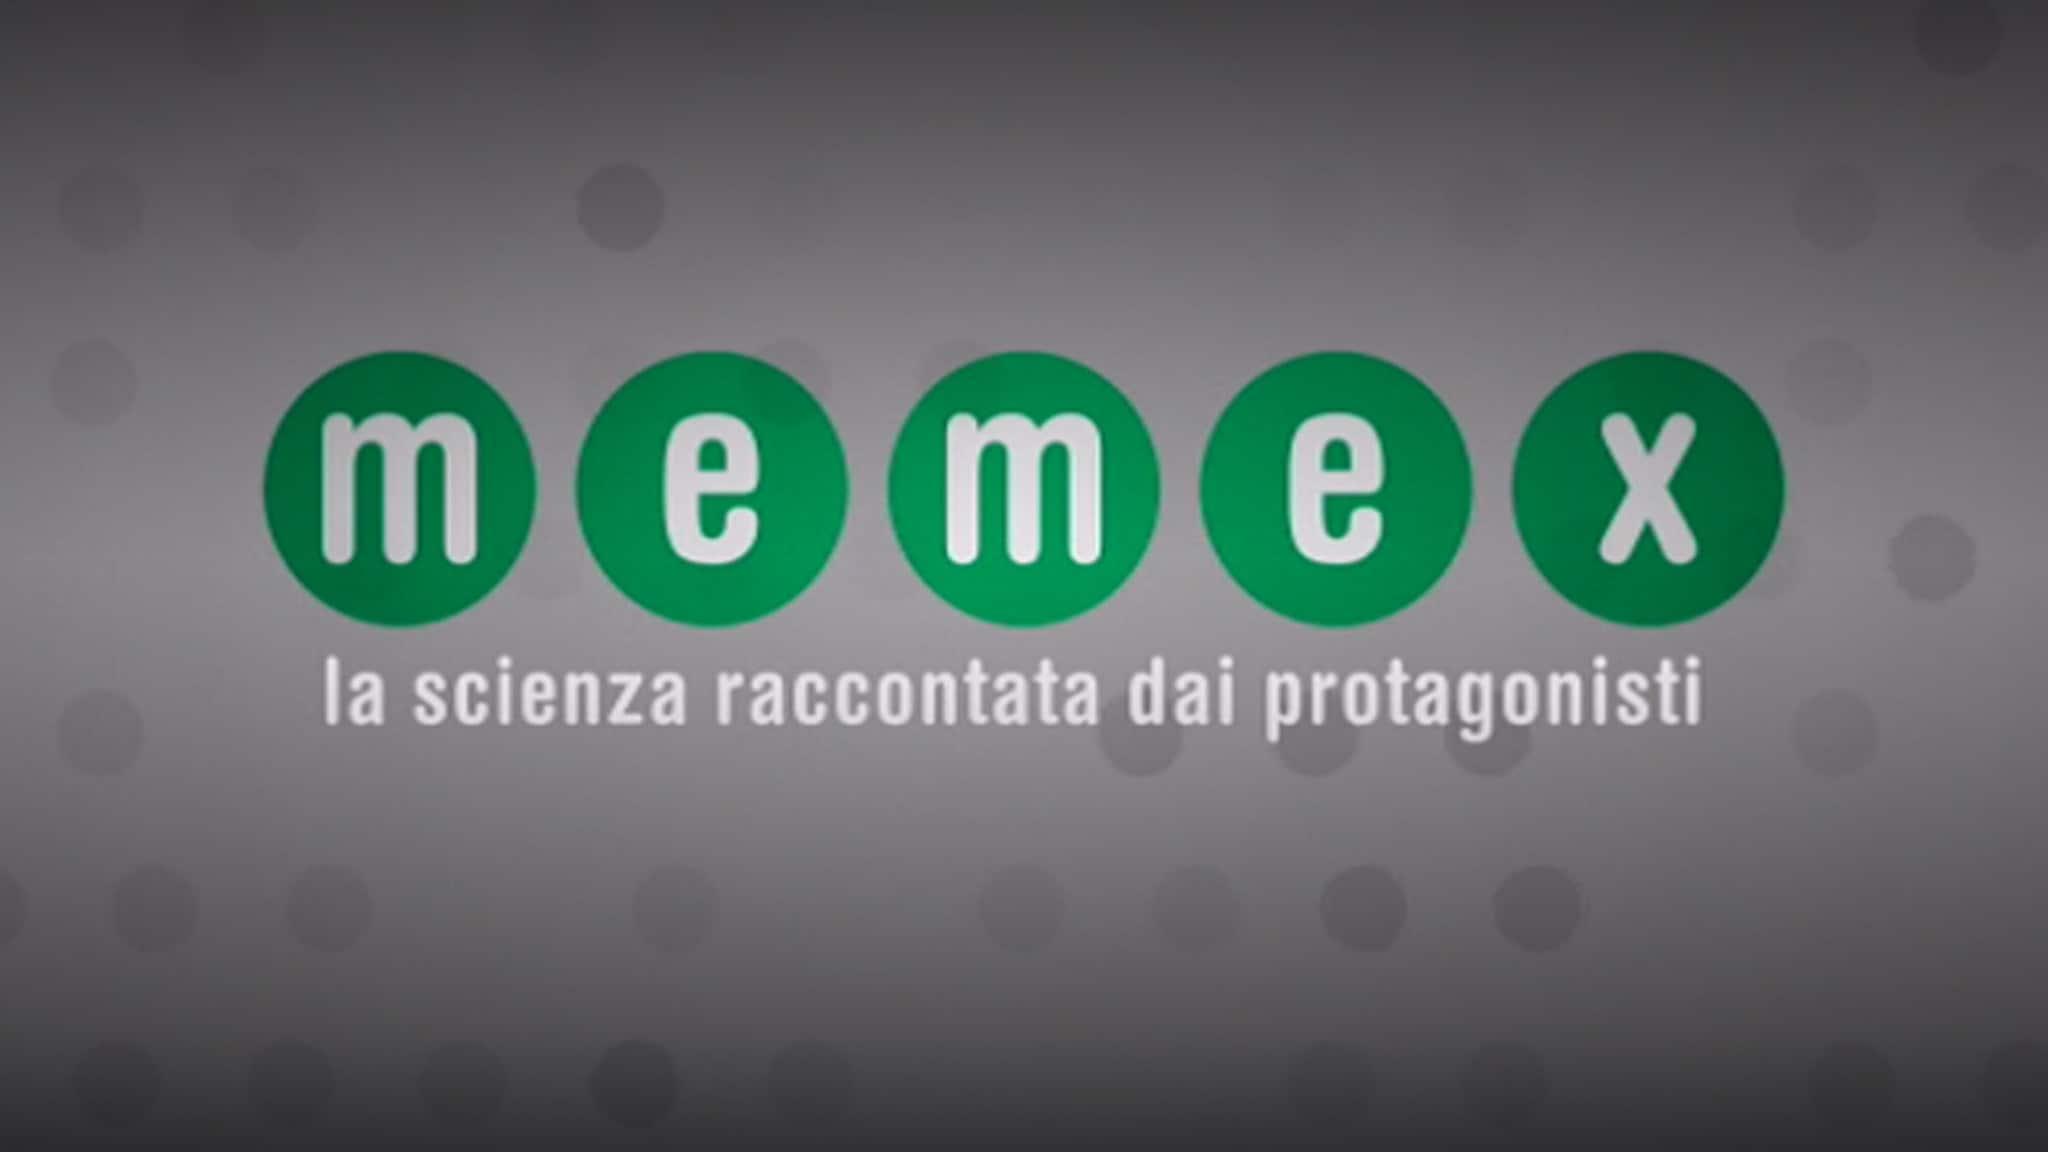 Rai Scuola Memex - La scienza raccontata dai protagonisti Stefano Aliani - Archivi di ghiaccio Replica